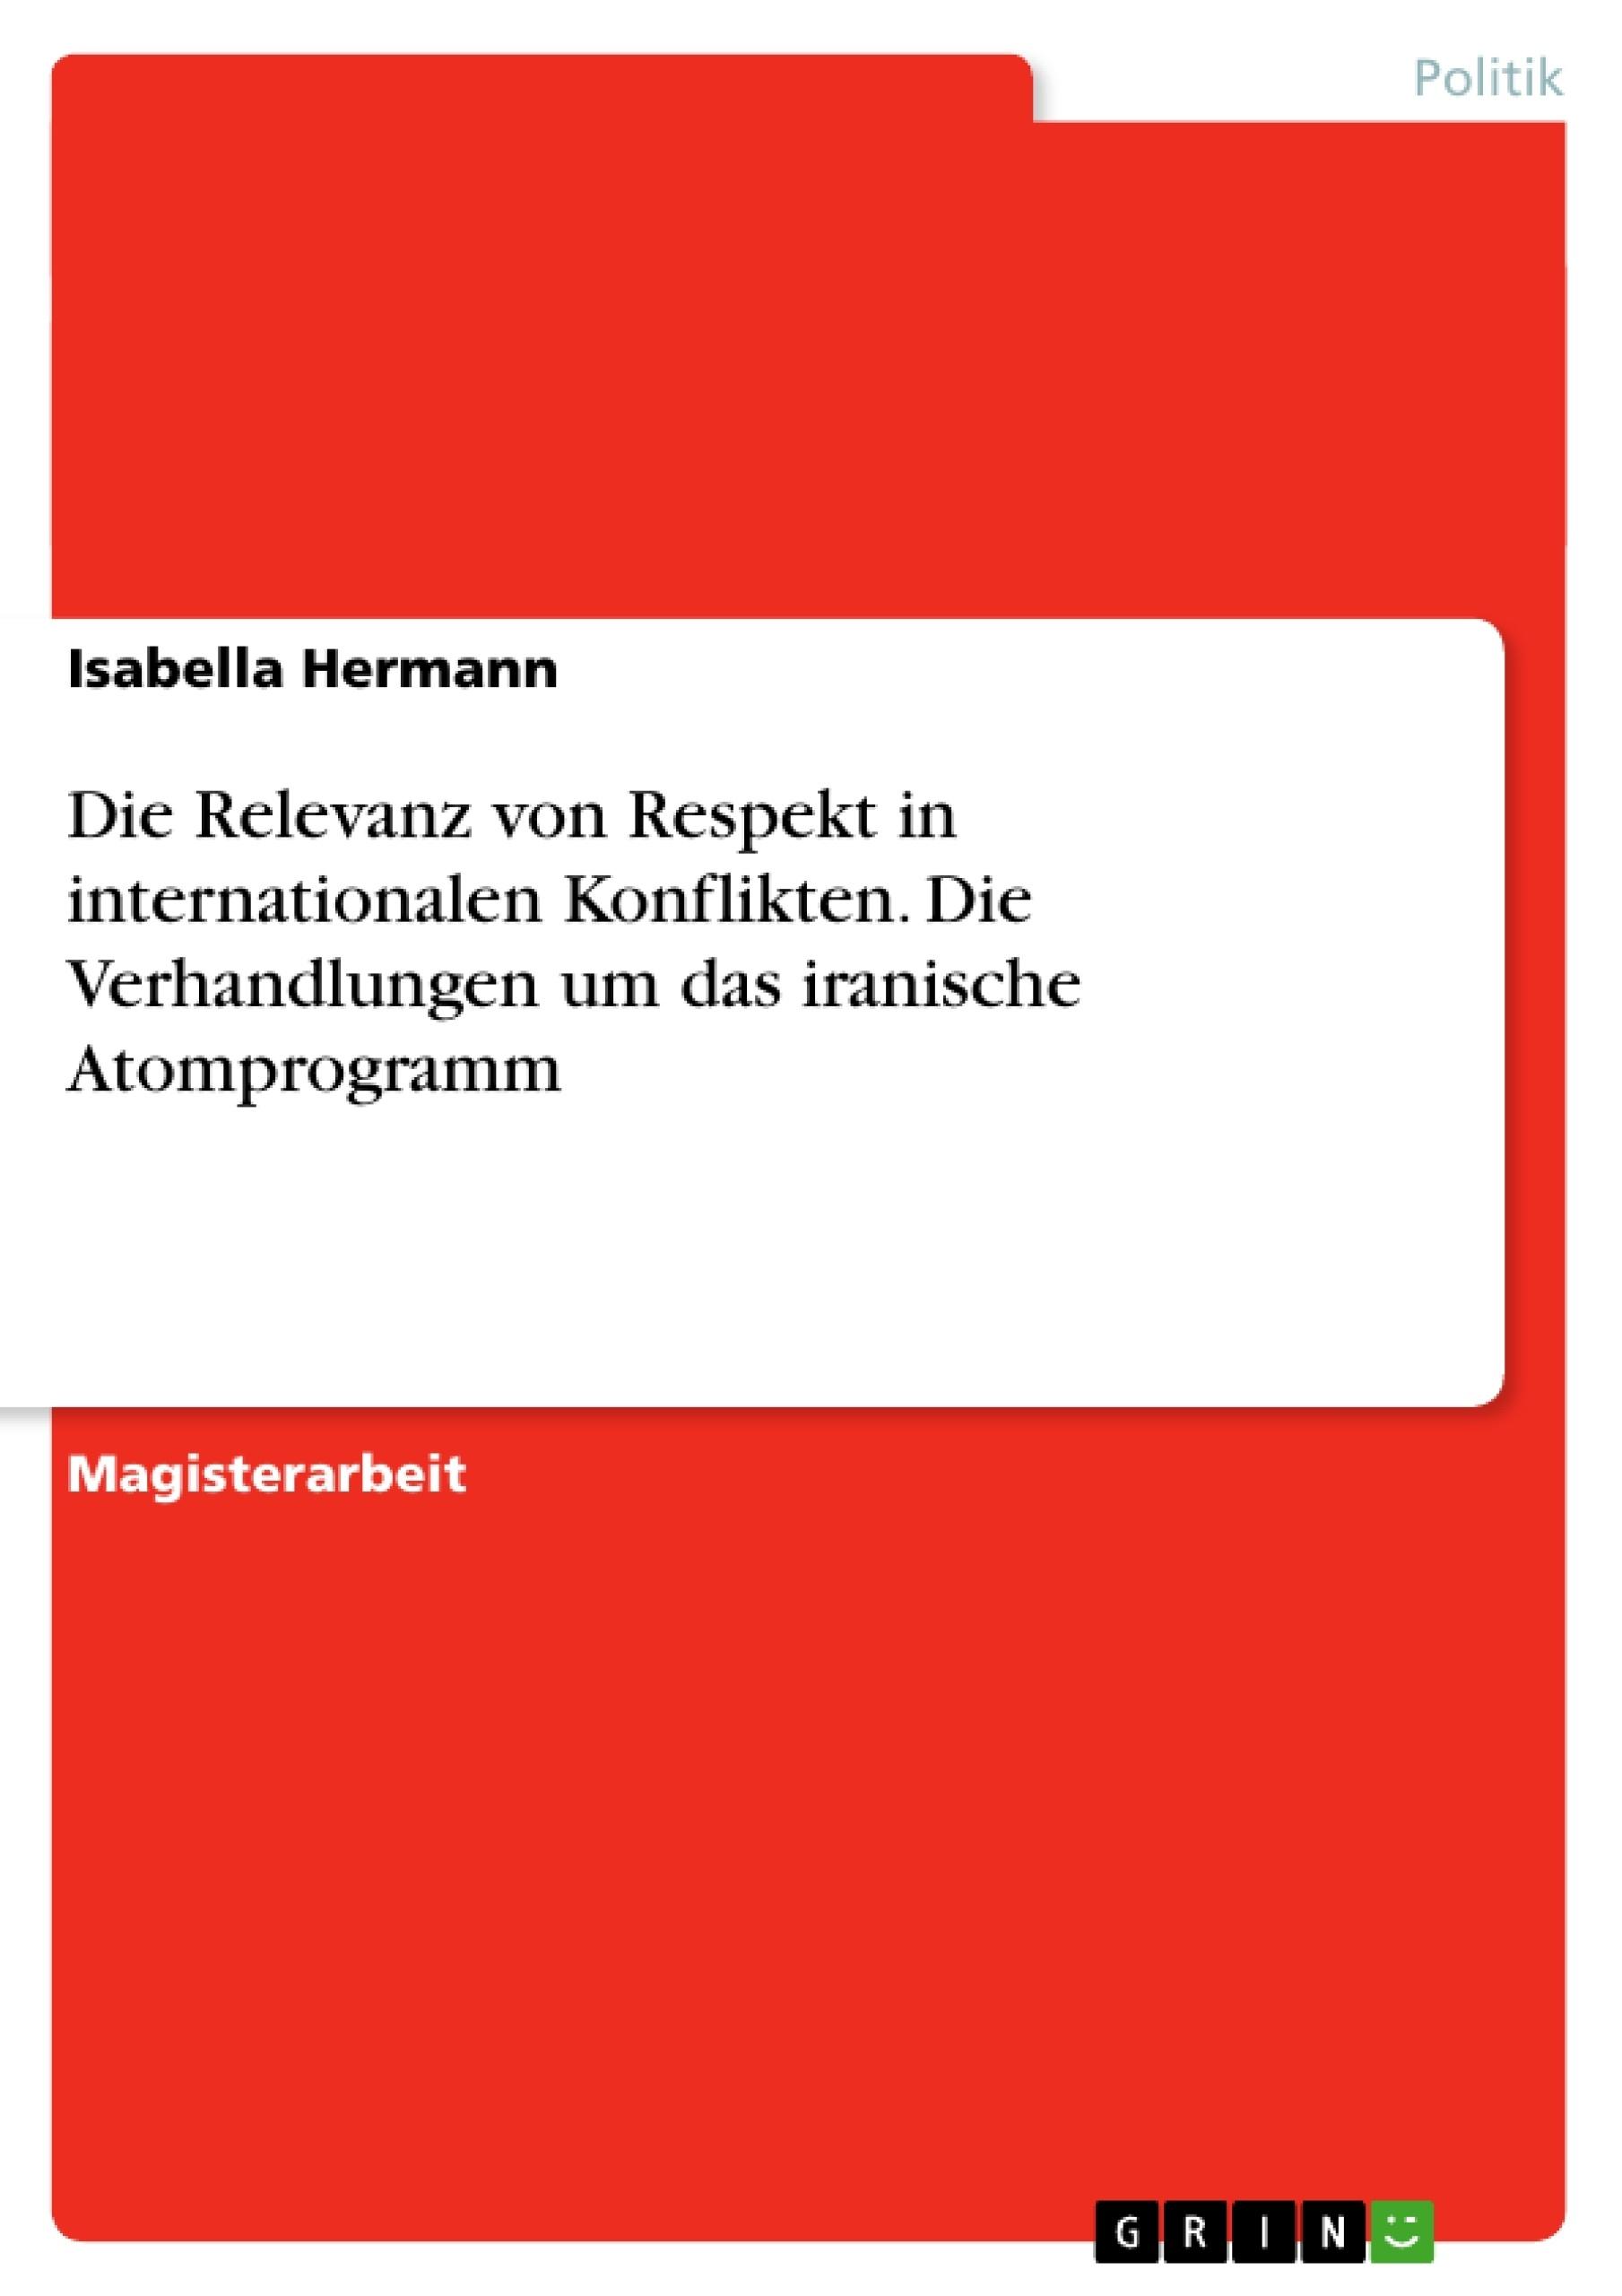 Titel: Die Relevanz von Respekt in internationalen Konflikten. Die Verhandlungen um das iranische Atomprogramm